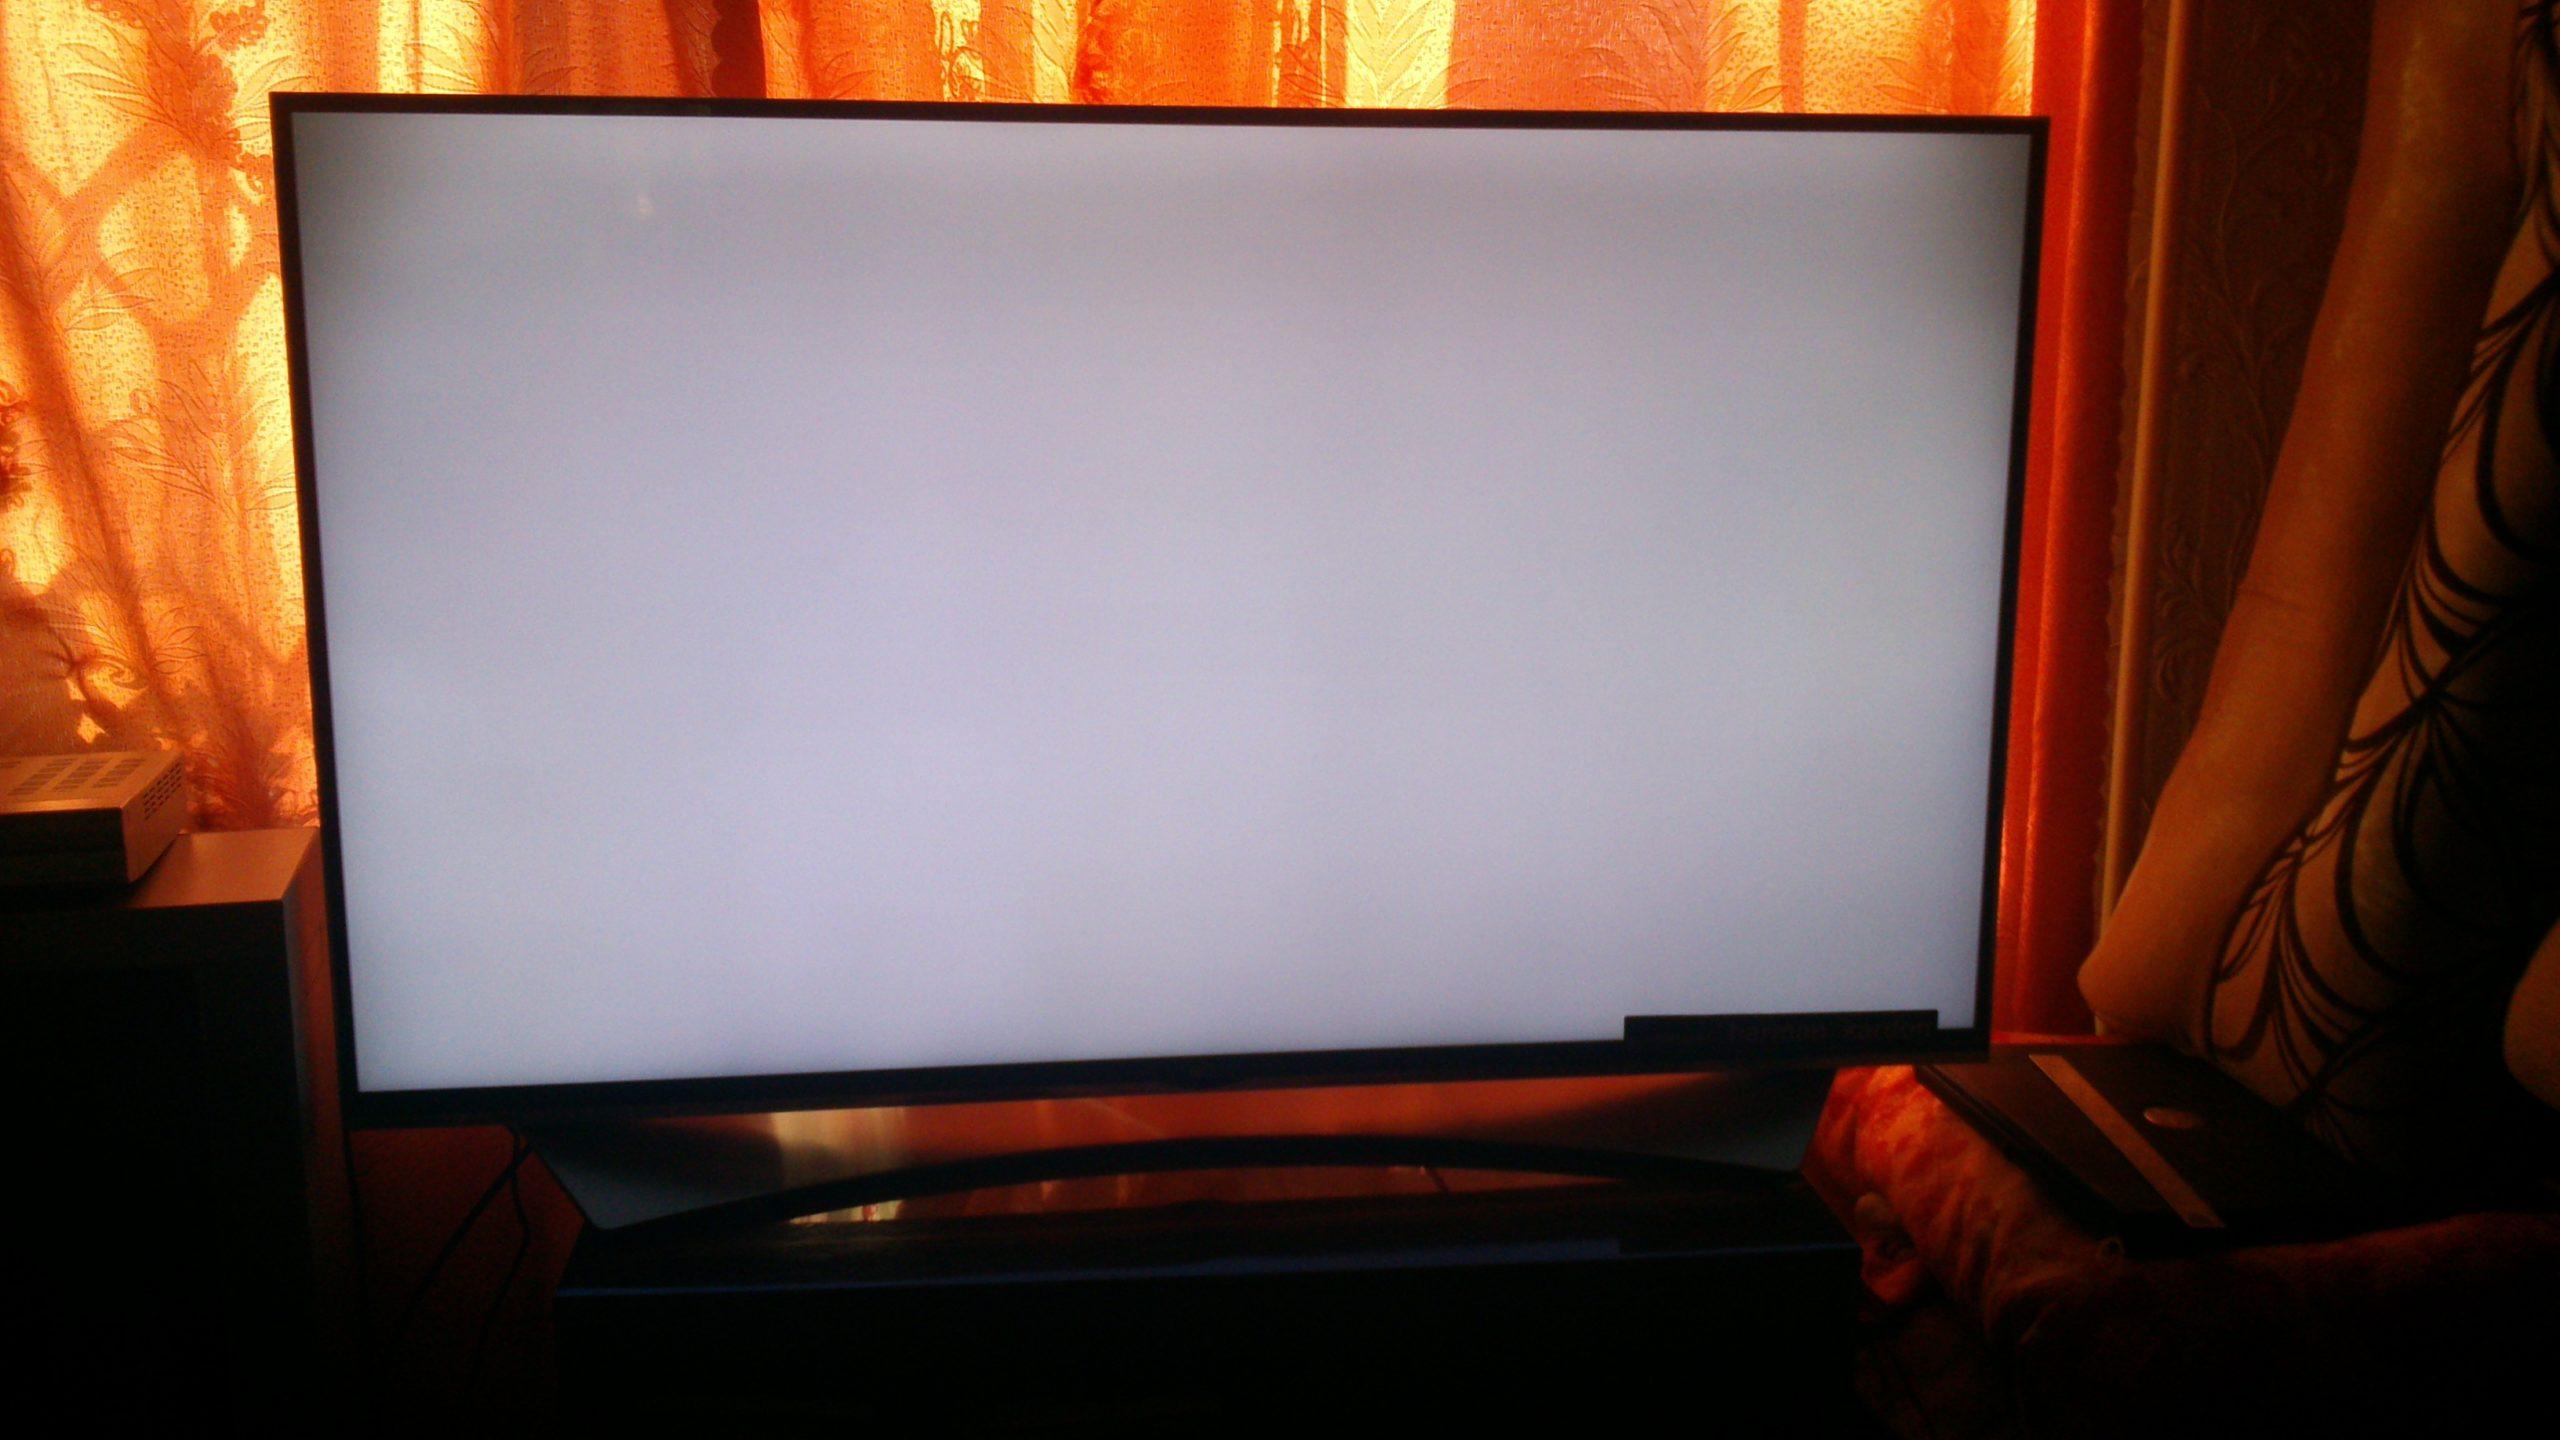 Темные пятна на экране телевизора